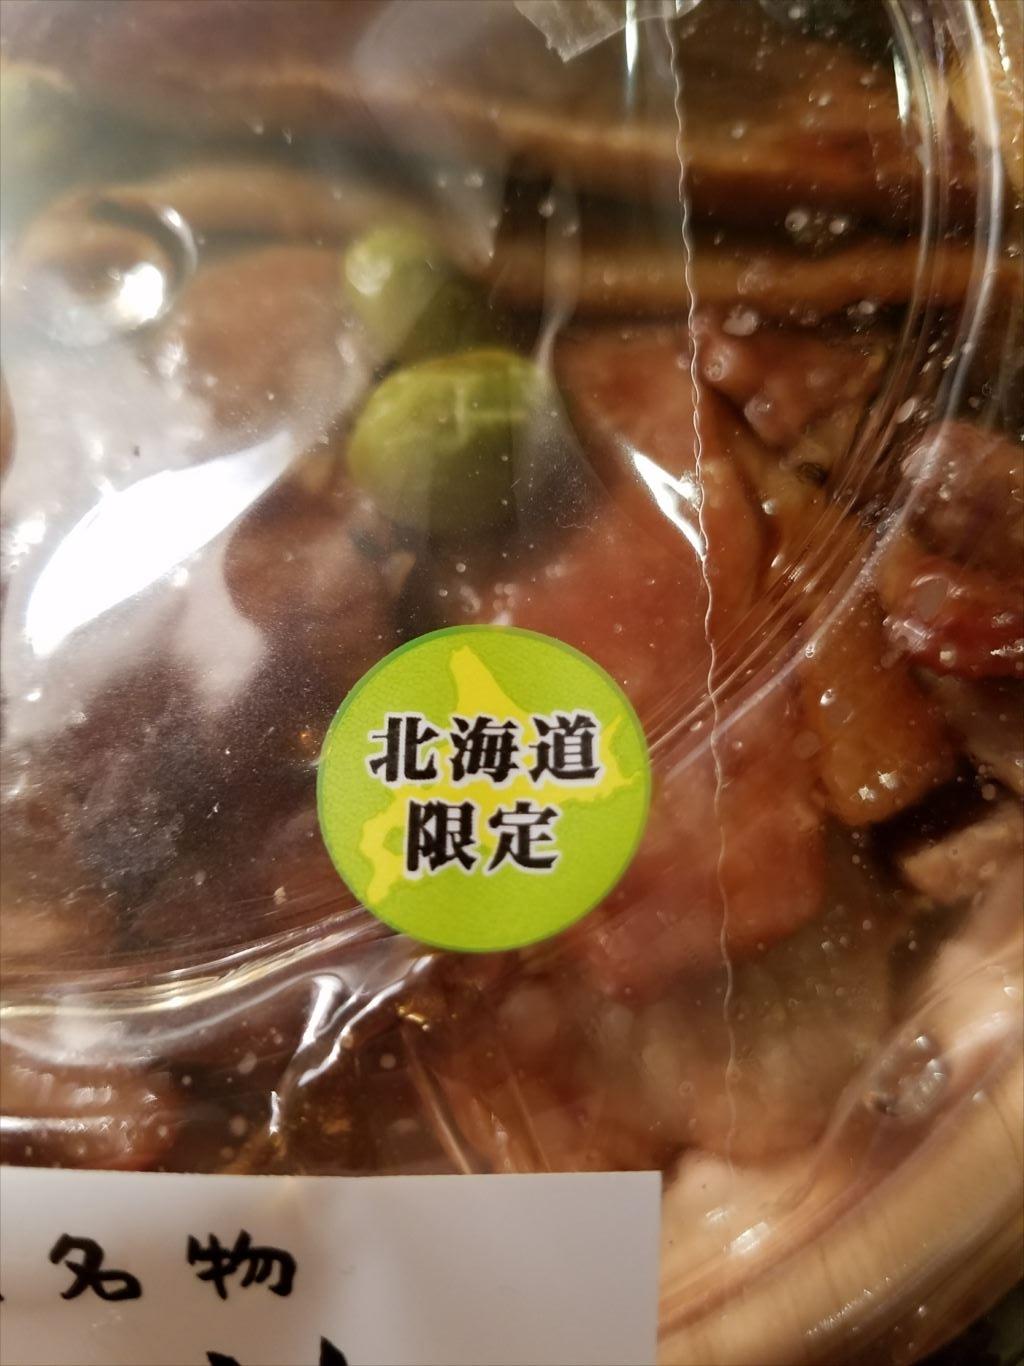 コンビニ_豚丼_北海道限定マーク